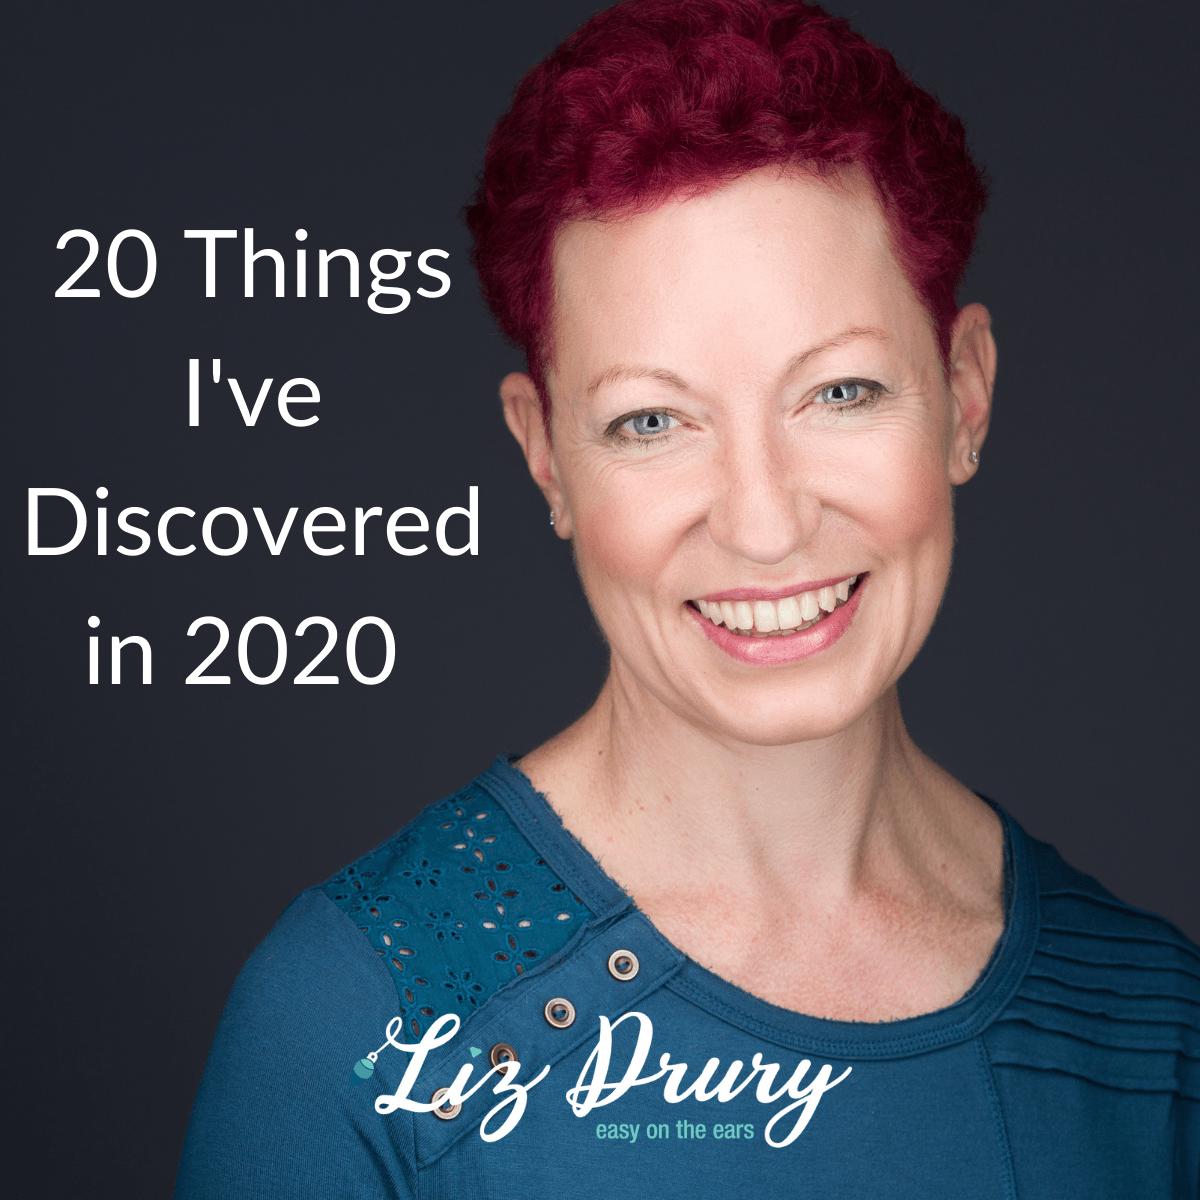 Liz Drury Voice Over Artist